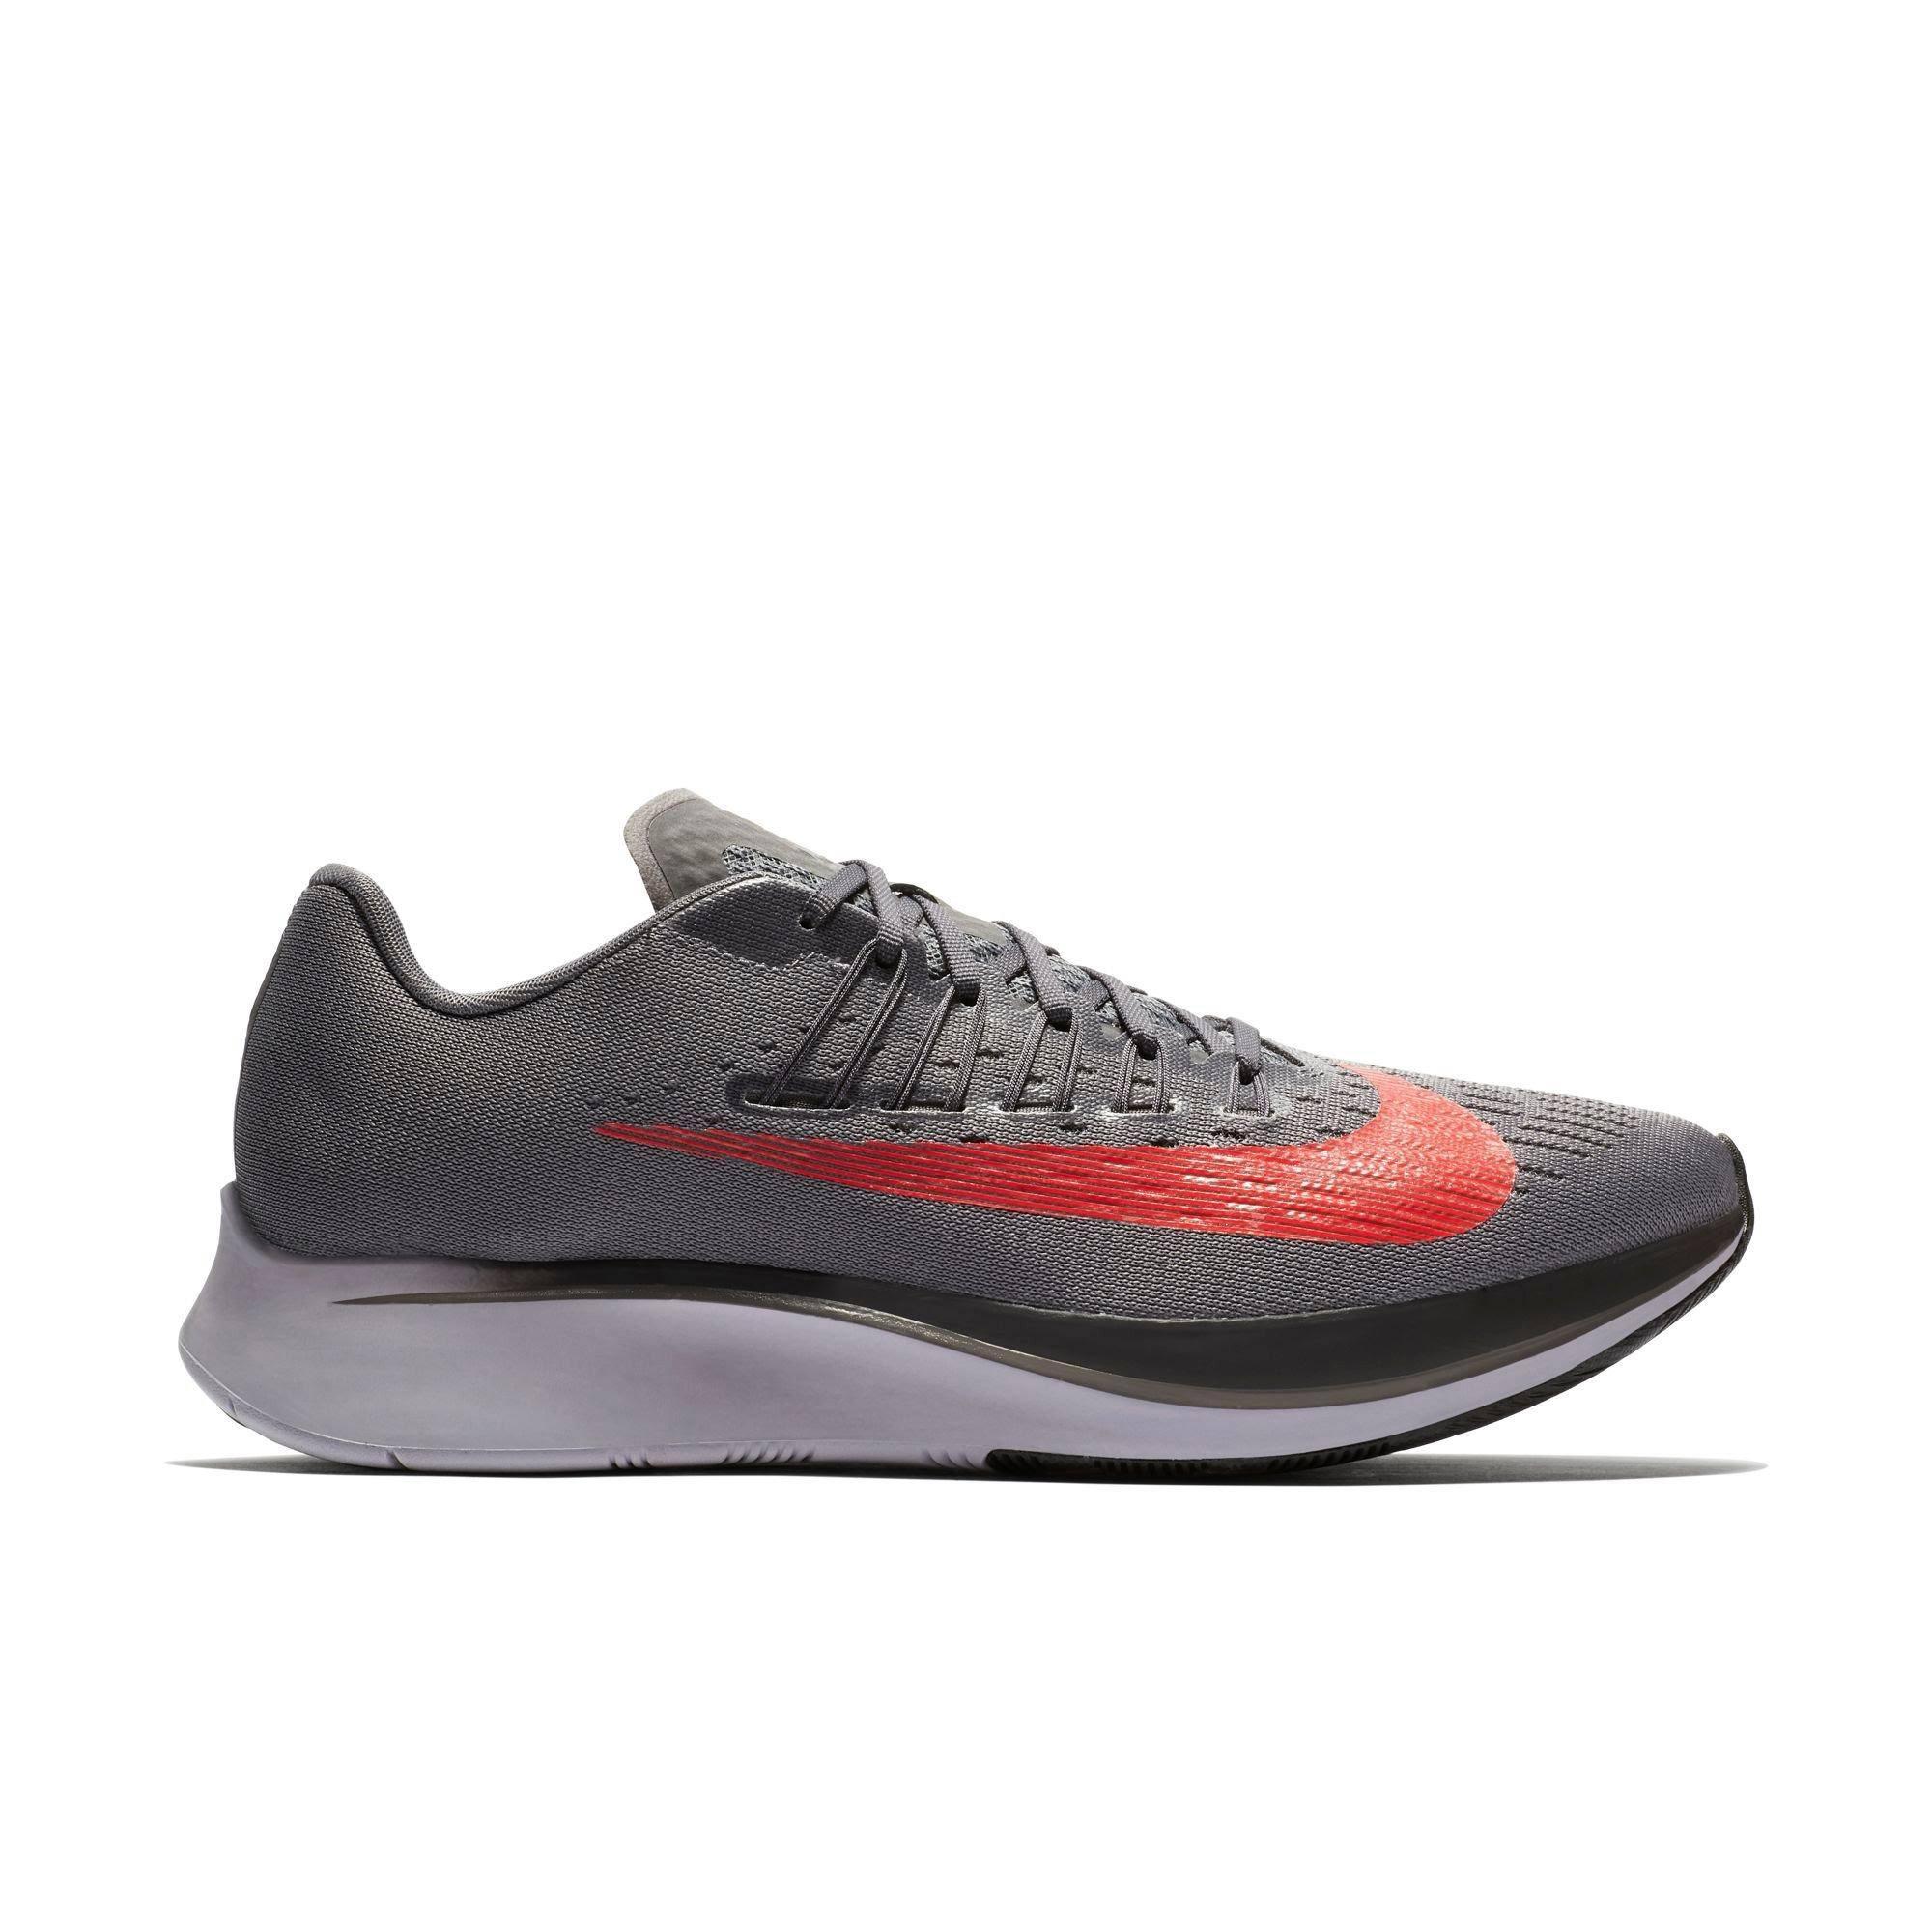 8 Gunsmoke 880848004 Hombre Crimson Zapatillas Tamaño Nike Fly Bright Para 5 Zoom qwxFT067